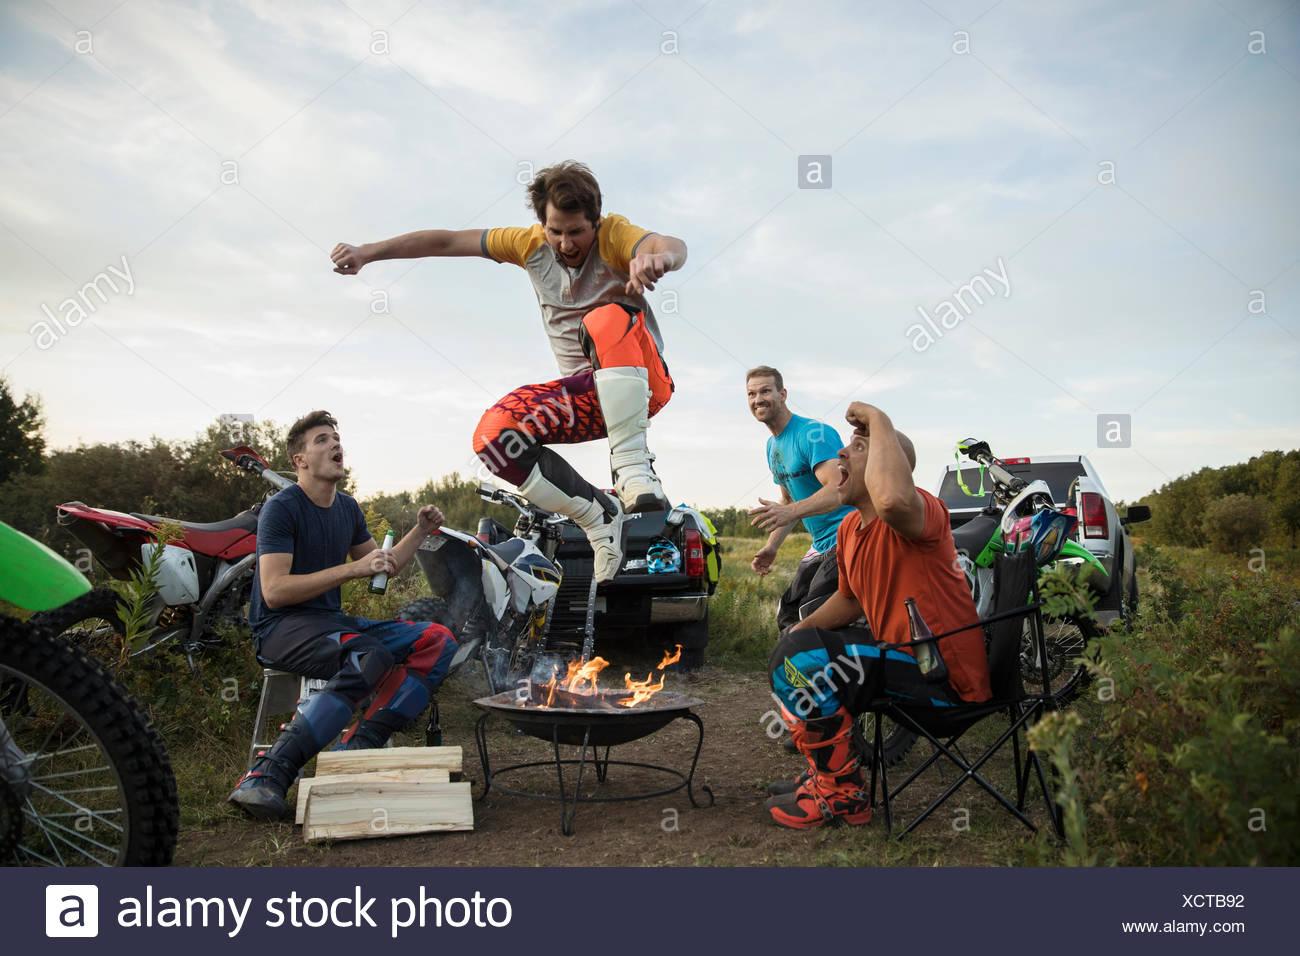 Amigos viendo el hombre saltar por encima de una fogata cerca de motos Imagen De Stock